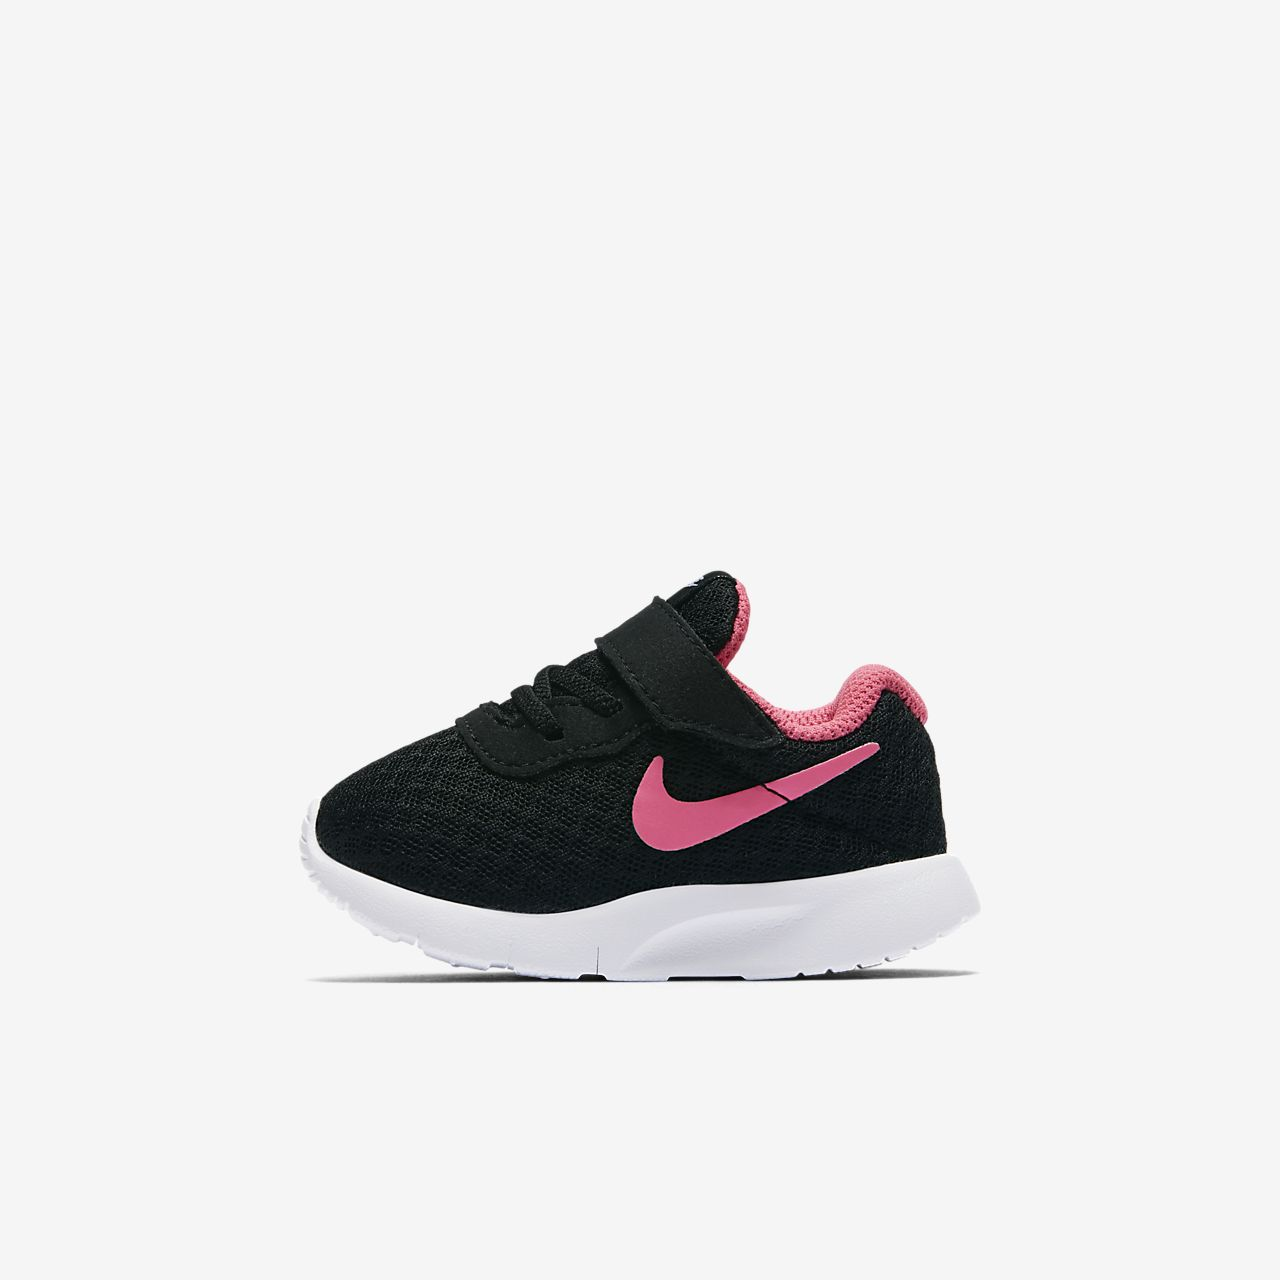 692f0b855d Calzado para bebé e infantil Nike Tanjun. Nike.com CL